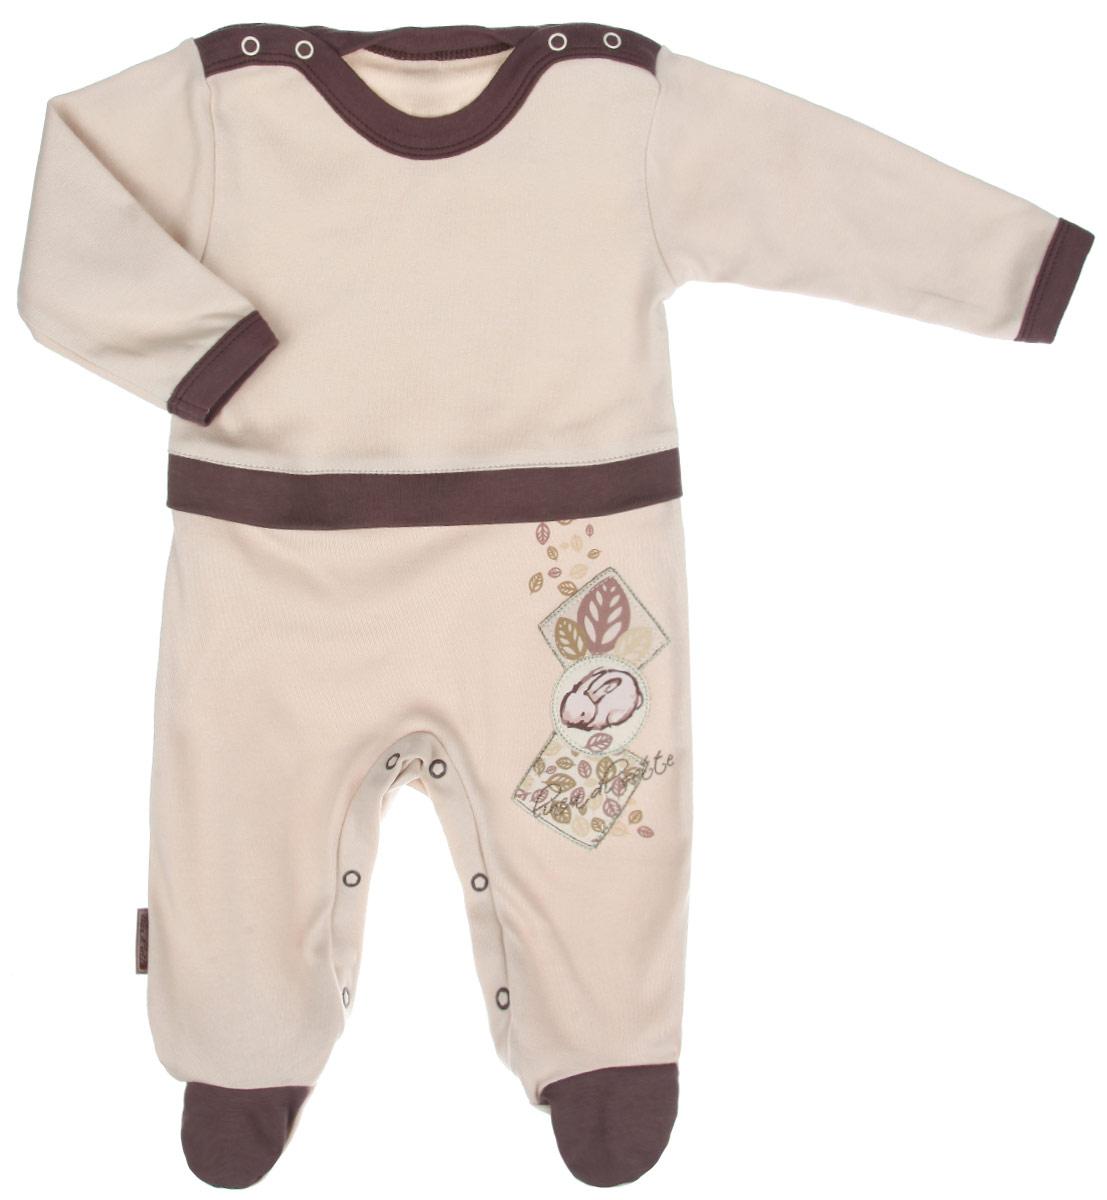 Комбинезон домашний01-0603Детский комбинезон Linea Di Sette Зайка станет идеальным дополнением к гардеробу вашего ребенка. Изделие изготовлено из высококачественного органического полотна в соответствии с принятыми стандартами. Органический хлопок - это безвредная альтернатива традиционному хлопку, ткани из него не вредят нежной коже малыша, а также их производство безопасно для окружающей среды. Органический хлопок очень мягкий, отлично пропускает воздух, обеспечивая максимальный комфорт. Комбинезон с круглым вырезом горловины, длинными рукавами и закрытыми ножками имеет застежки-кнопки по плечевому шву и на ластовице, которые помогают легко переодеть младенца или сменить подгузник. Спереди, по линии талии модель дополнена контрастной вставкой. Оформлен комбинезон принтом с изображением зайки, а также украшен вышивкой. Изделие полностью соответствует особенностям жизни ребенка в ранний период, не стесняя и не ограничивая его в движениях. В таком комбинезоне кроха будет...